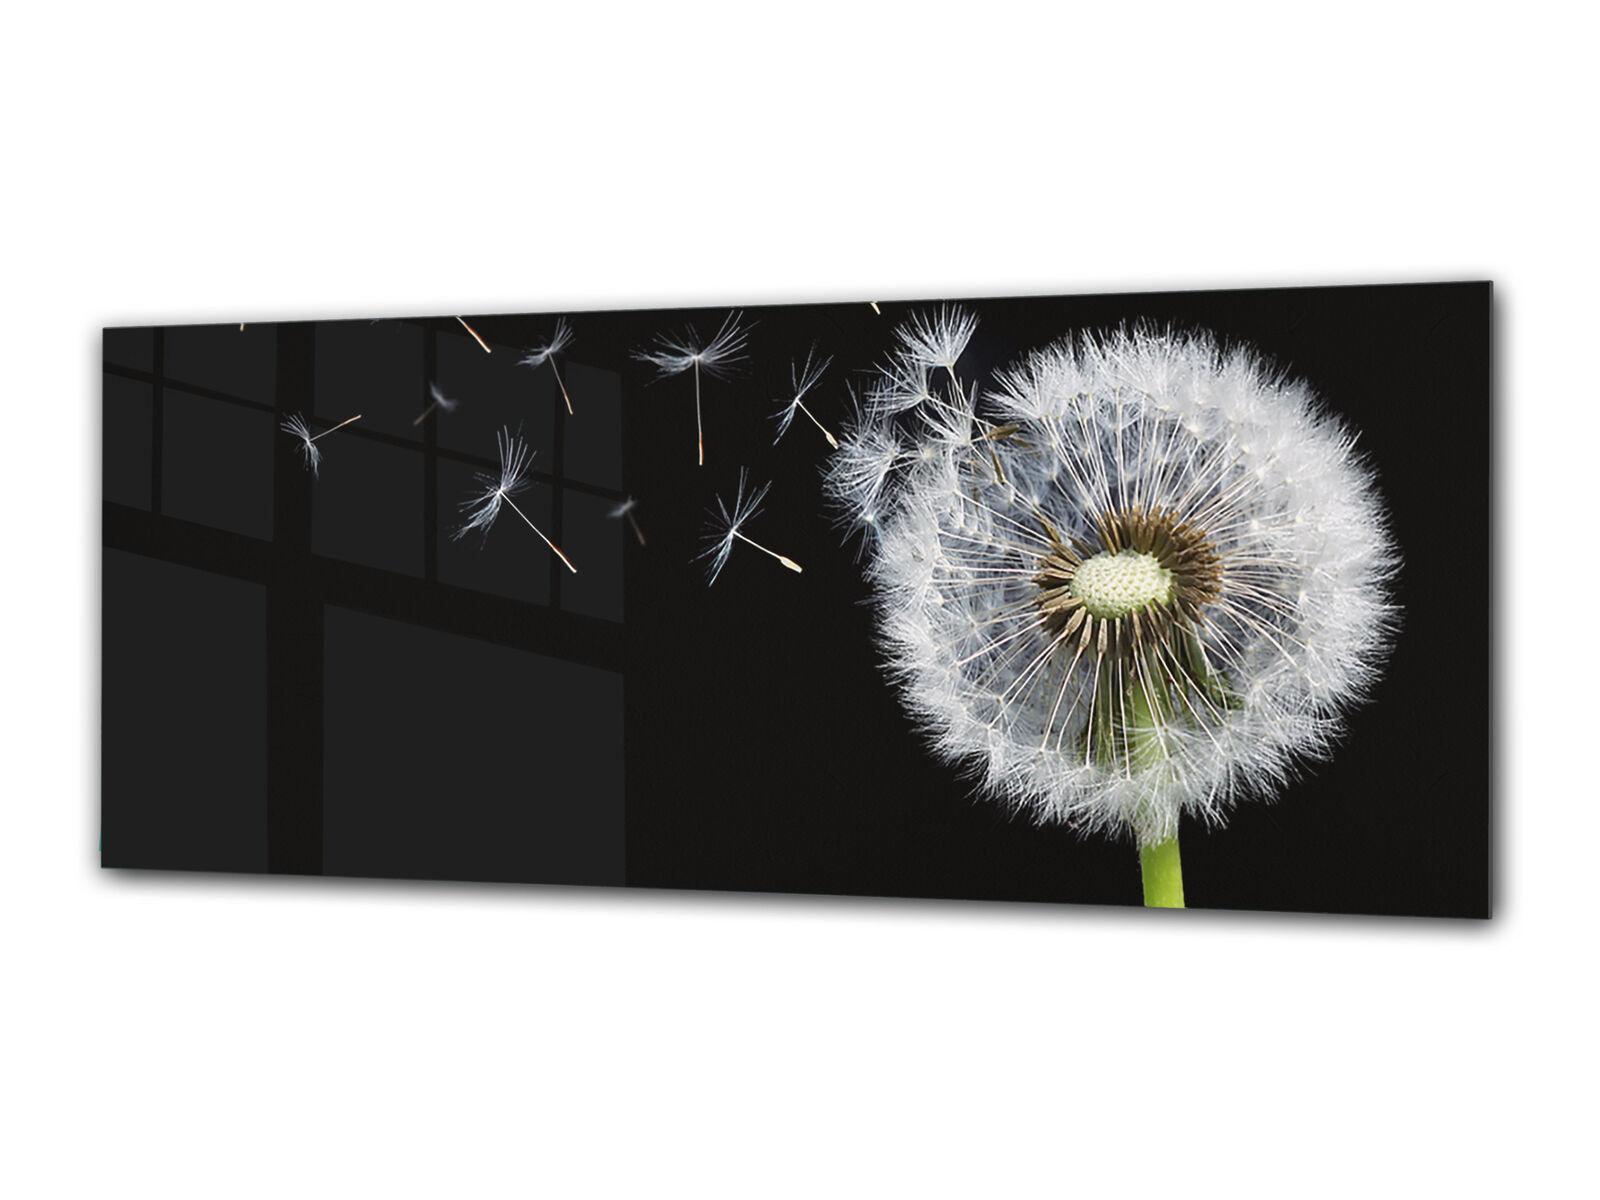 Glas Drucken Wand Kunst 80x30 cm Image on Glas Decorative Wand Bild 86302579